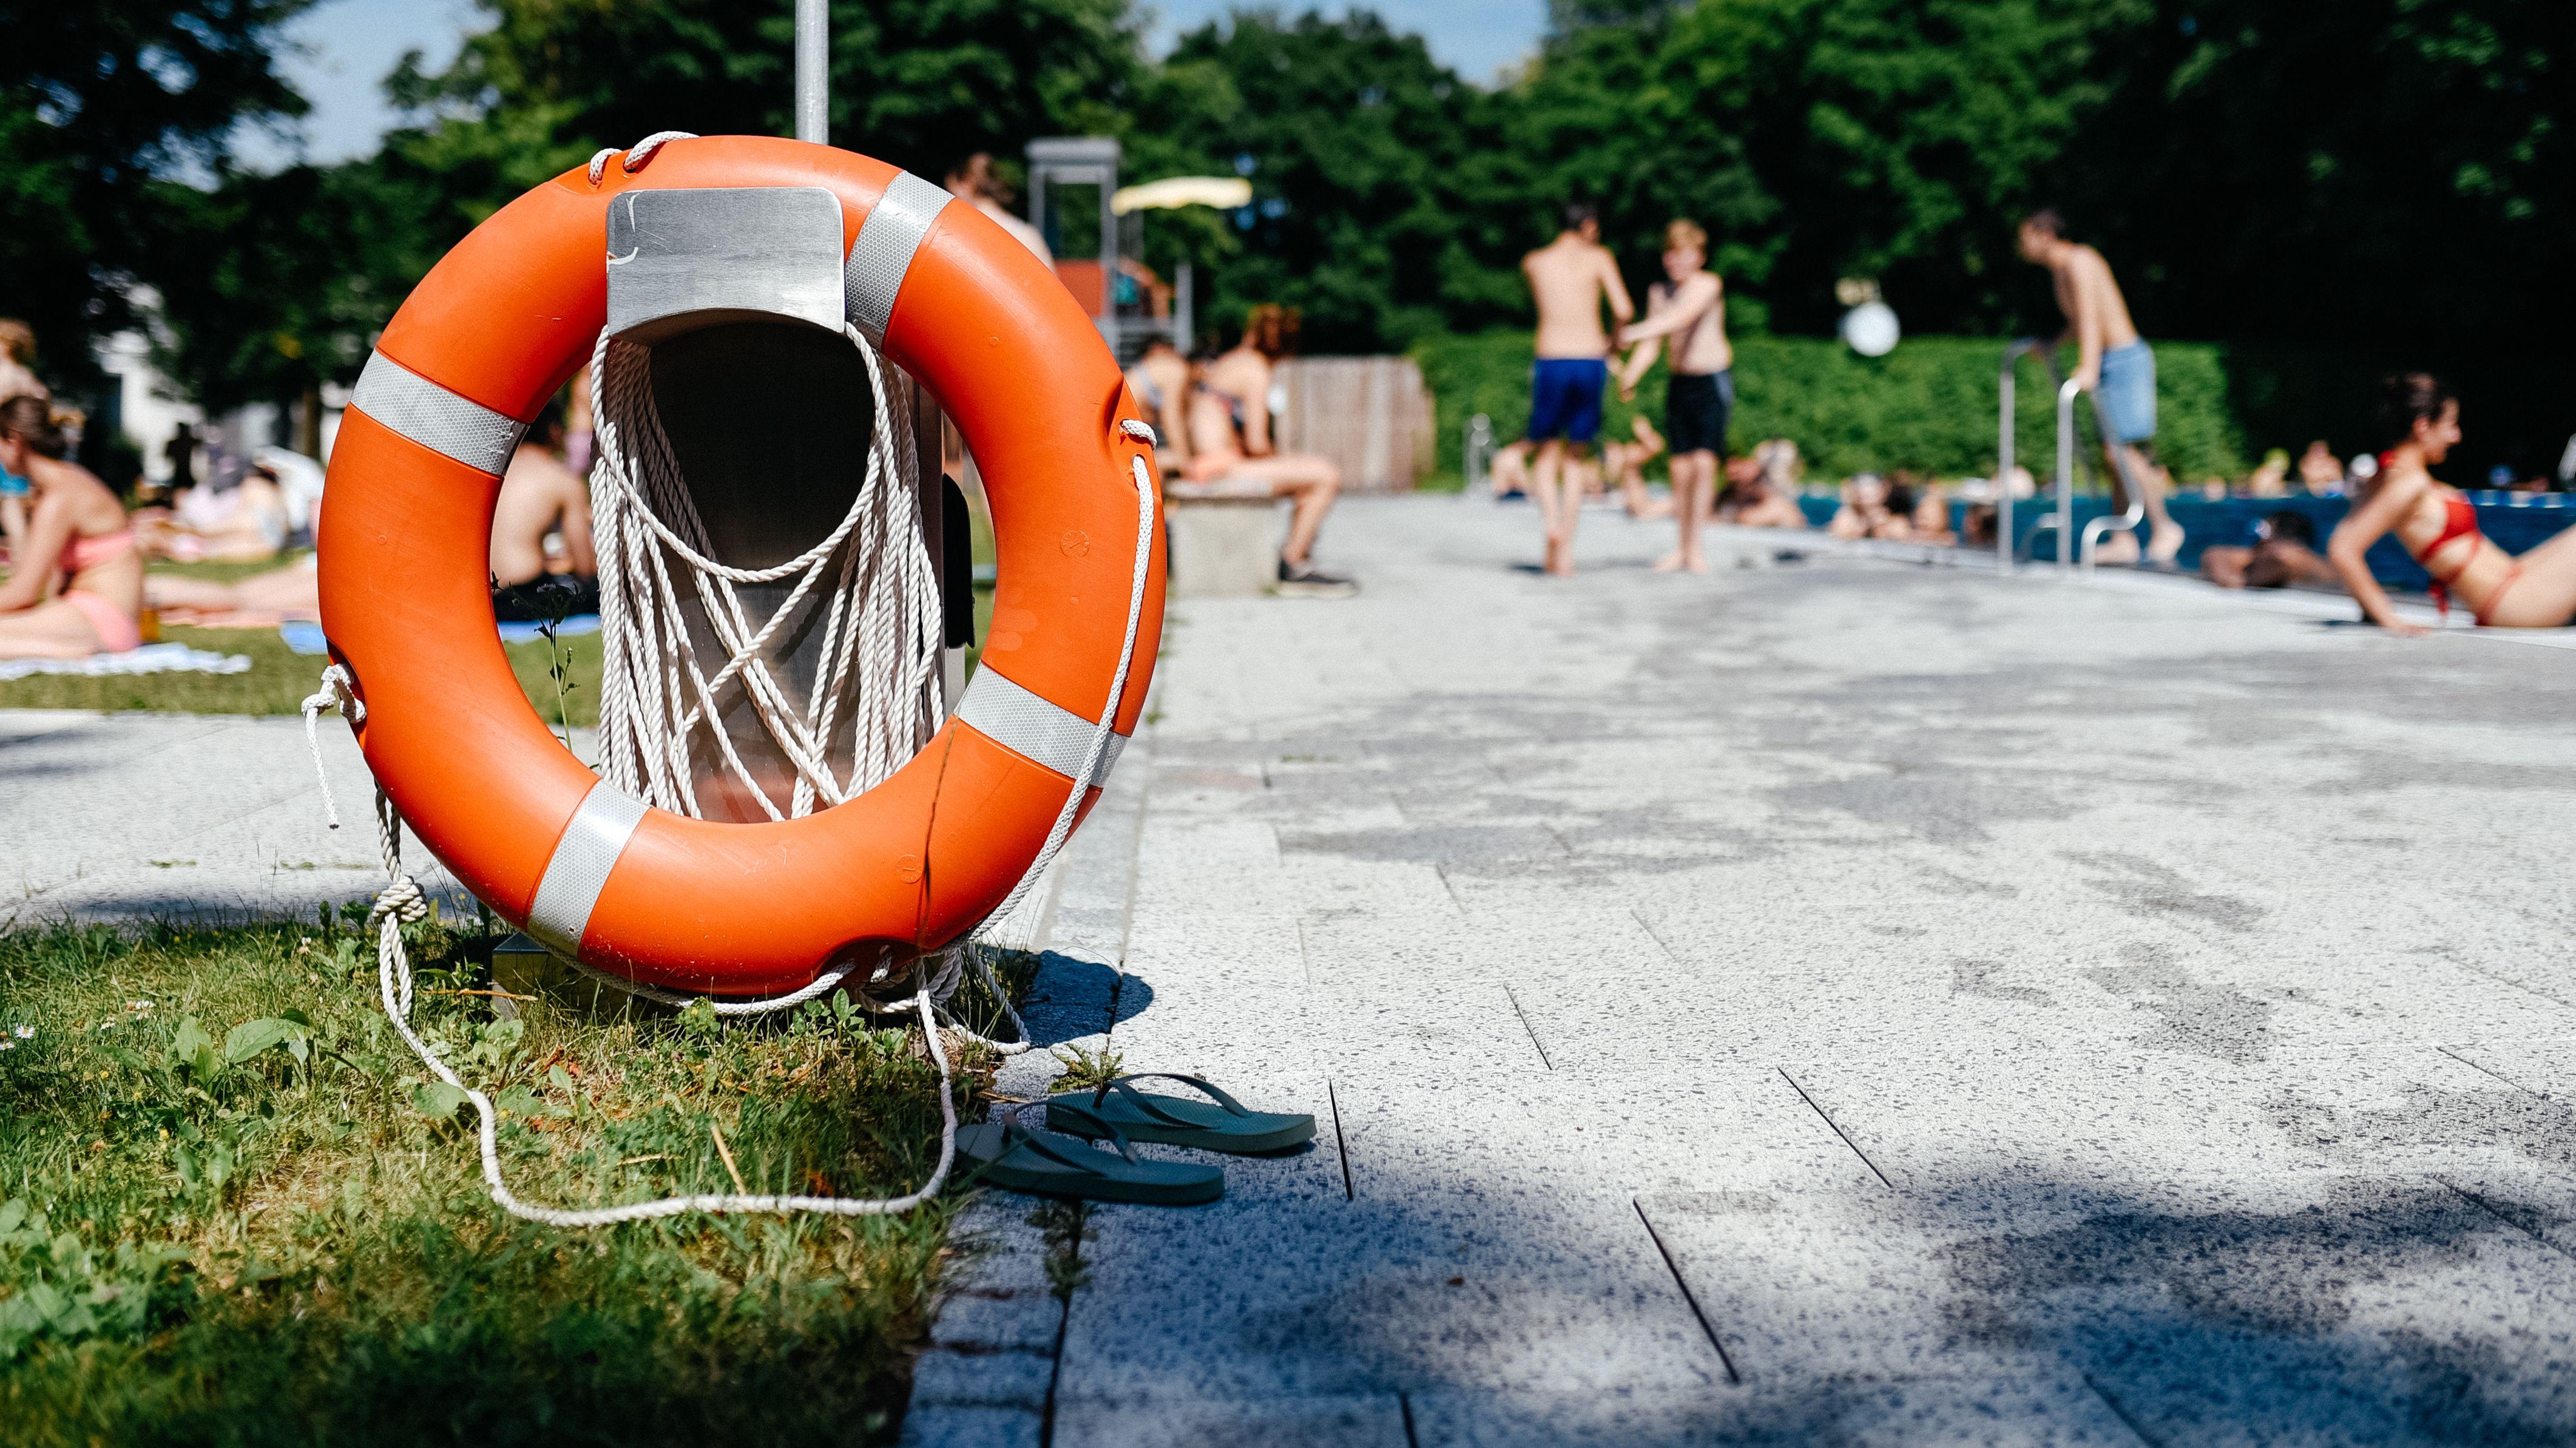 Symbolbild: Rettungsring im Schwimmbad / Statistik zu Todesfälle durch Ertrinken 2019